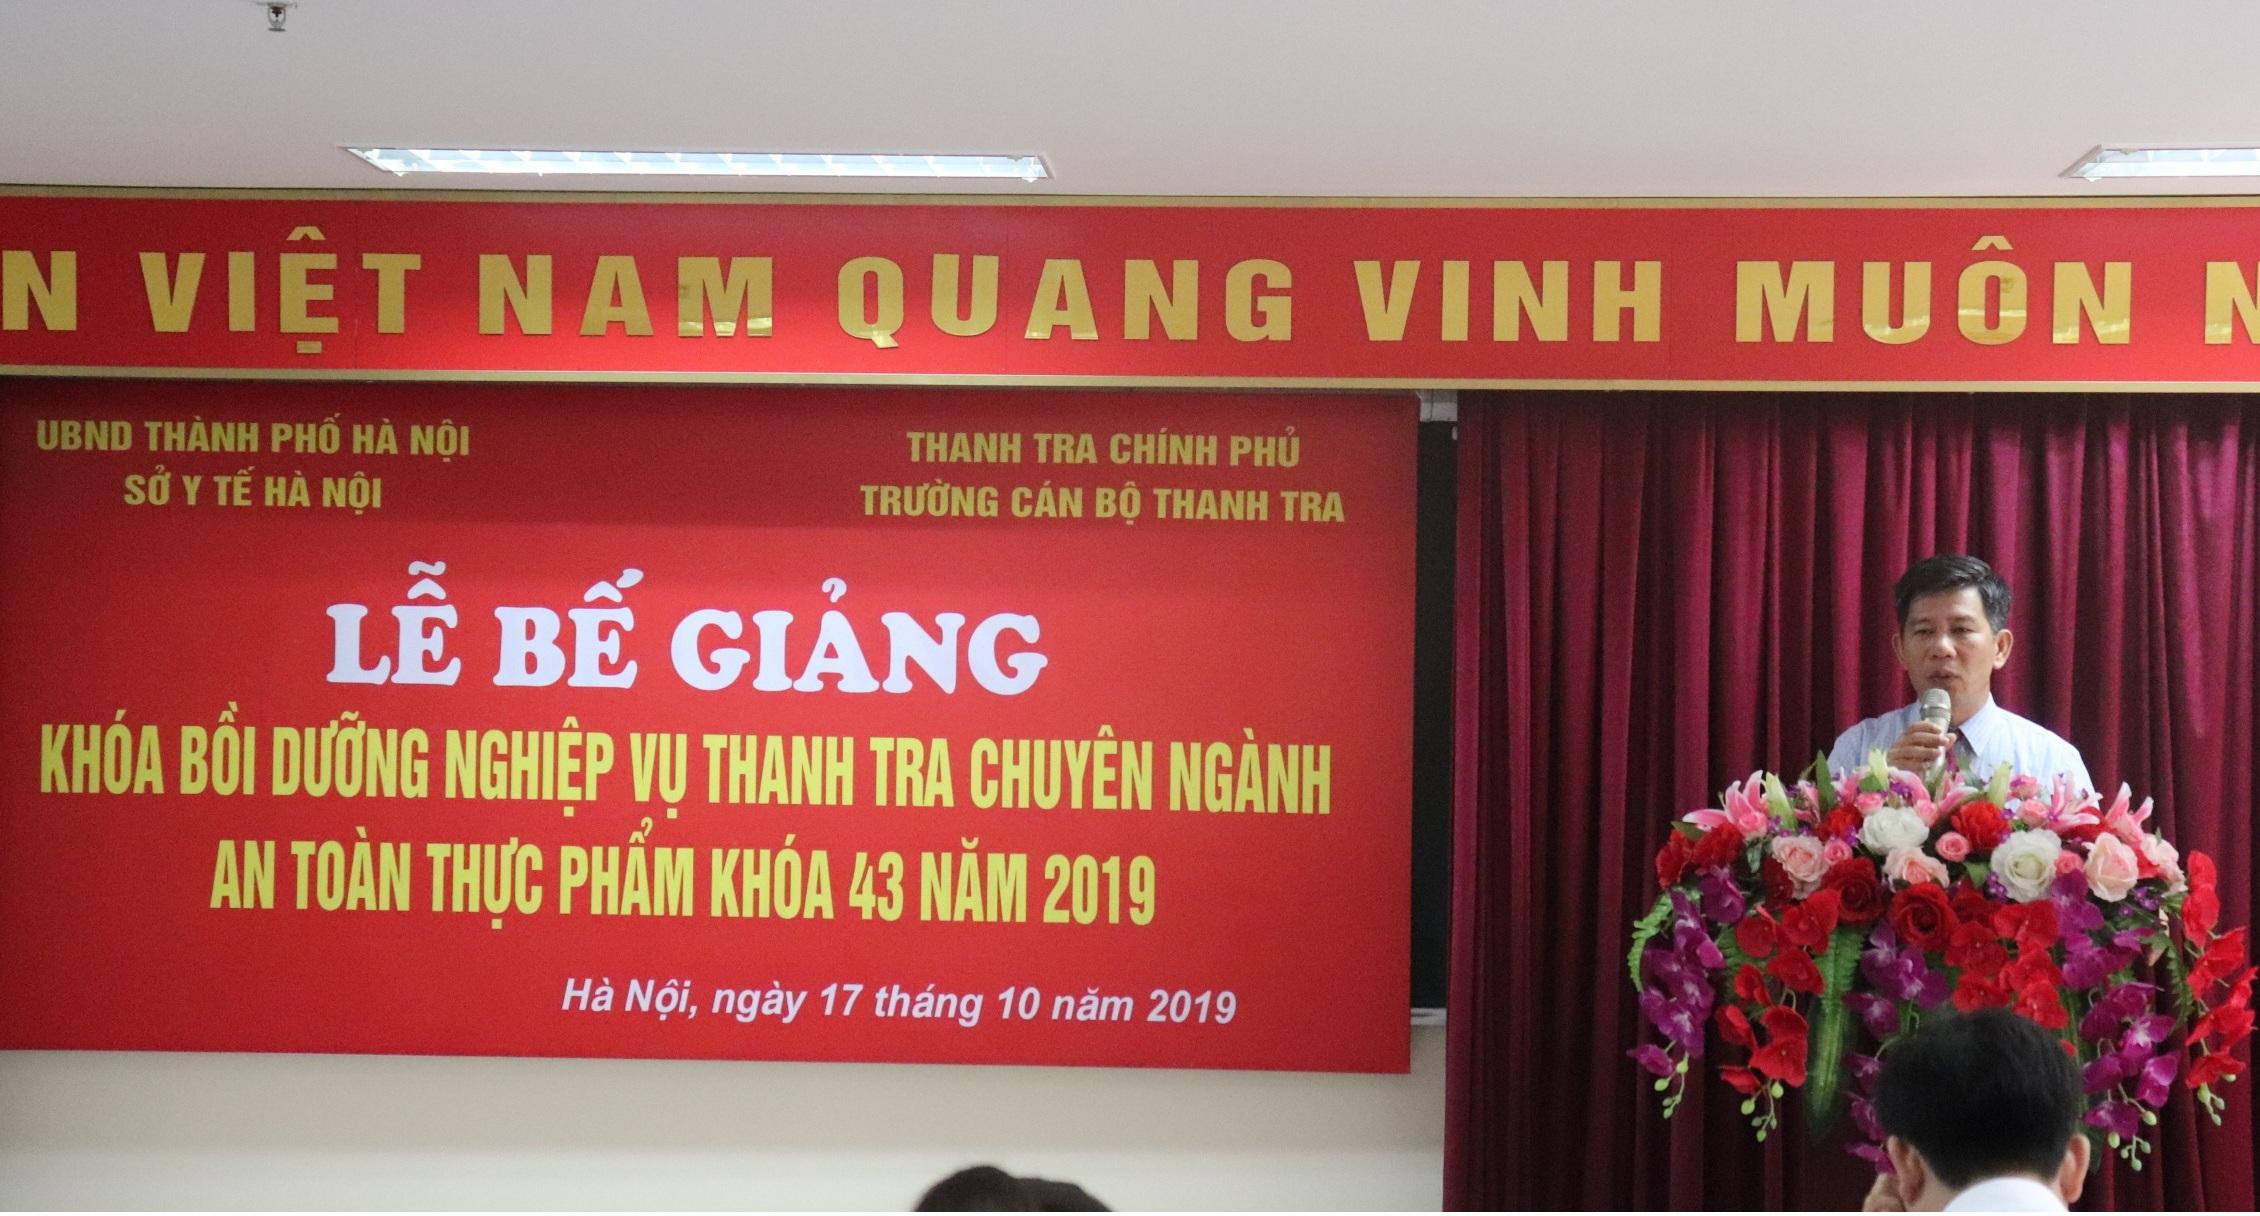 Ông Nguyễn Viết Thạch PHT nhà trường phát biểu bế giảng khóa học